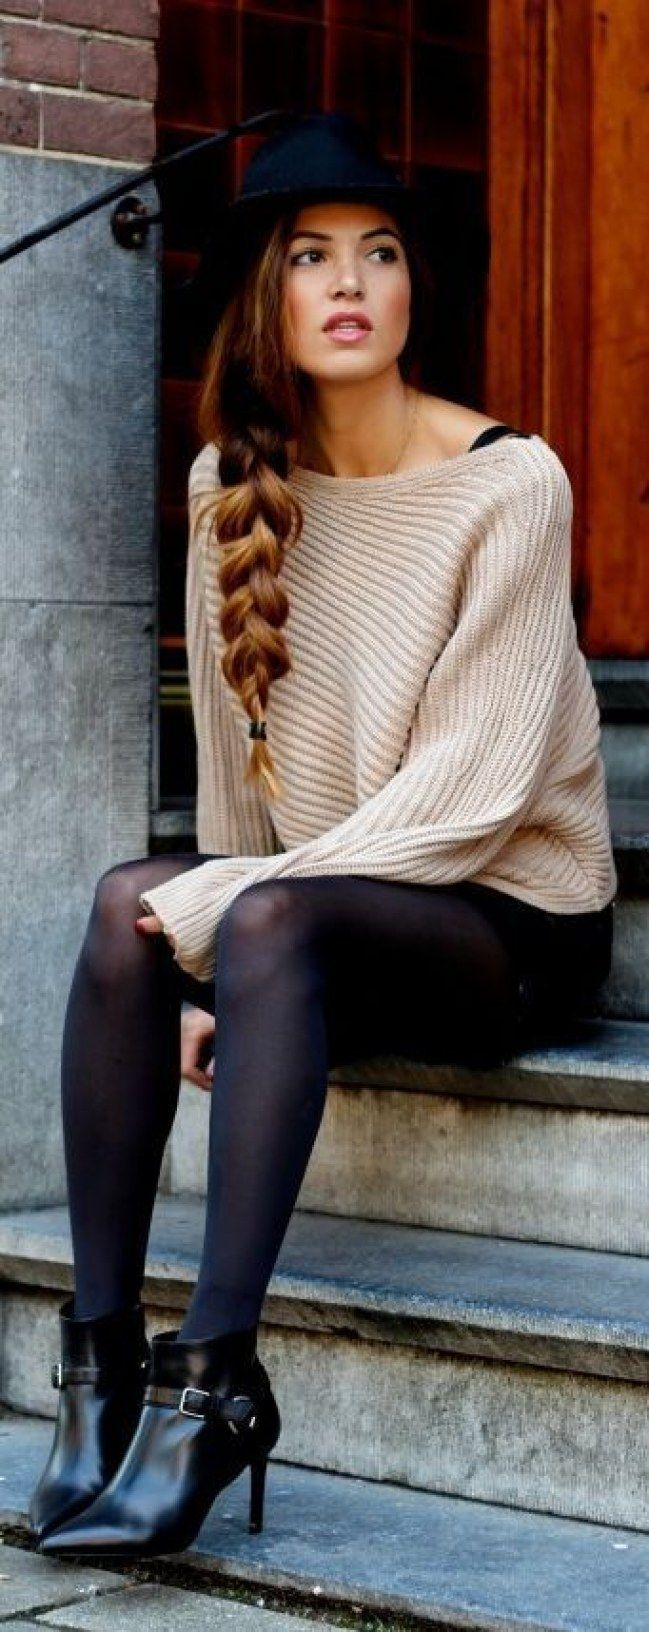 Herbstzeit ist Hutzeit! Die coolsten Frisuren für kalte Tage